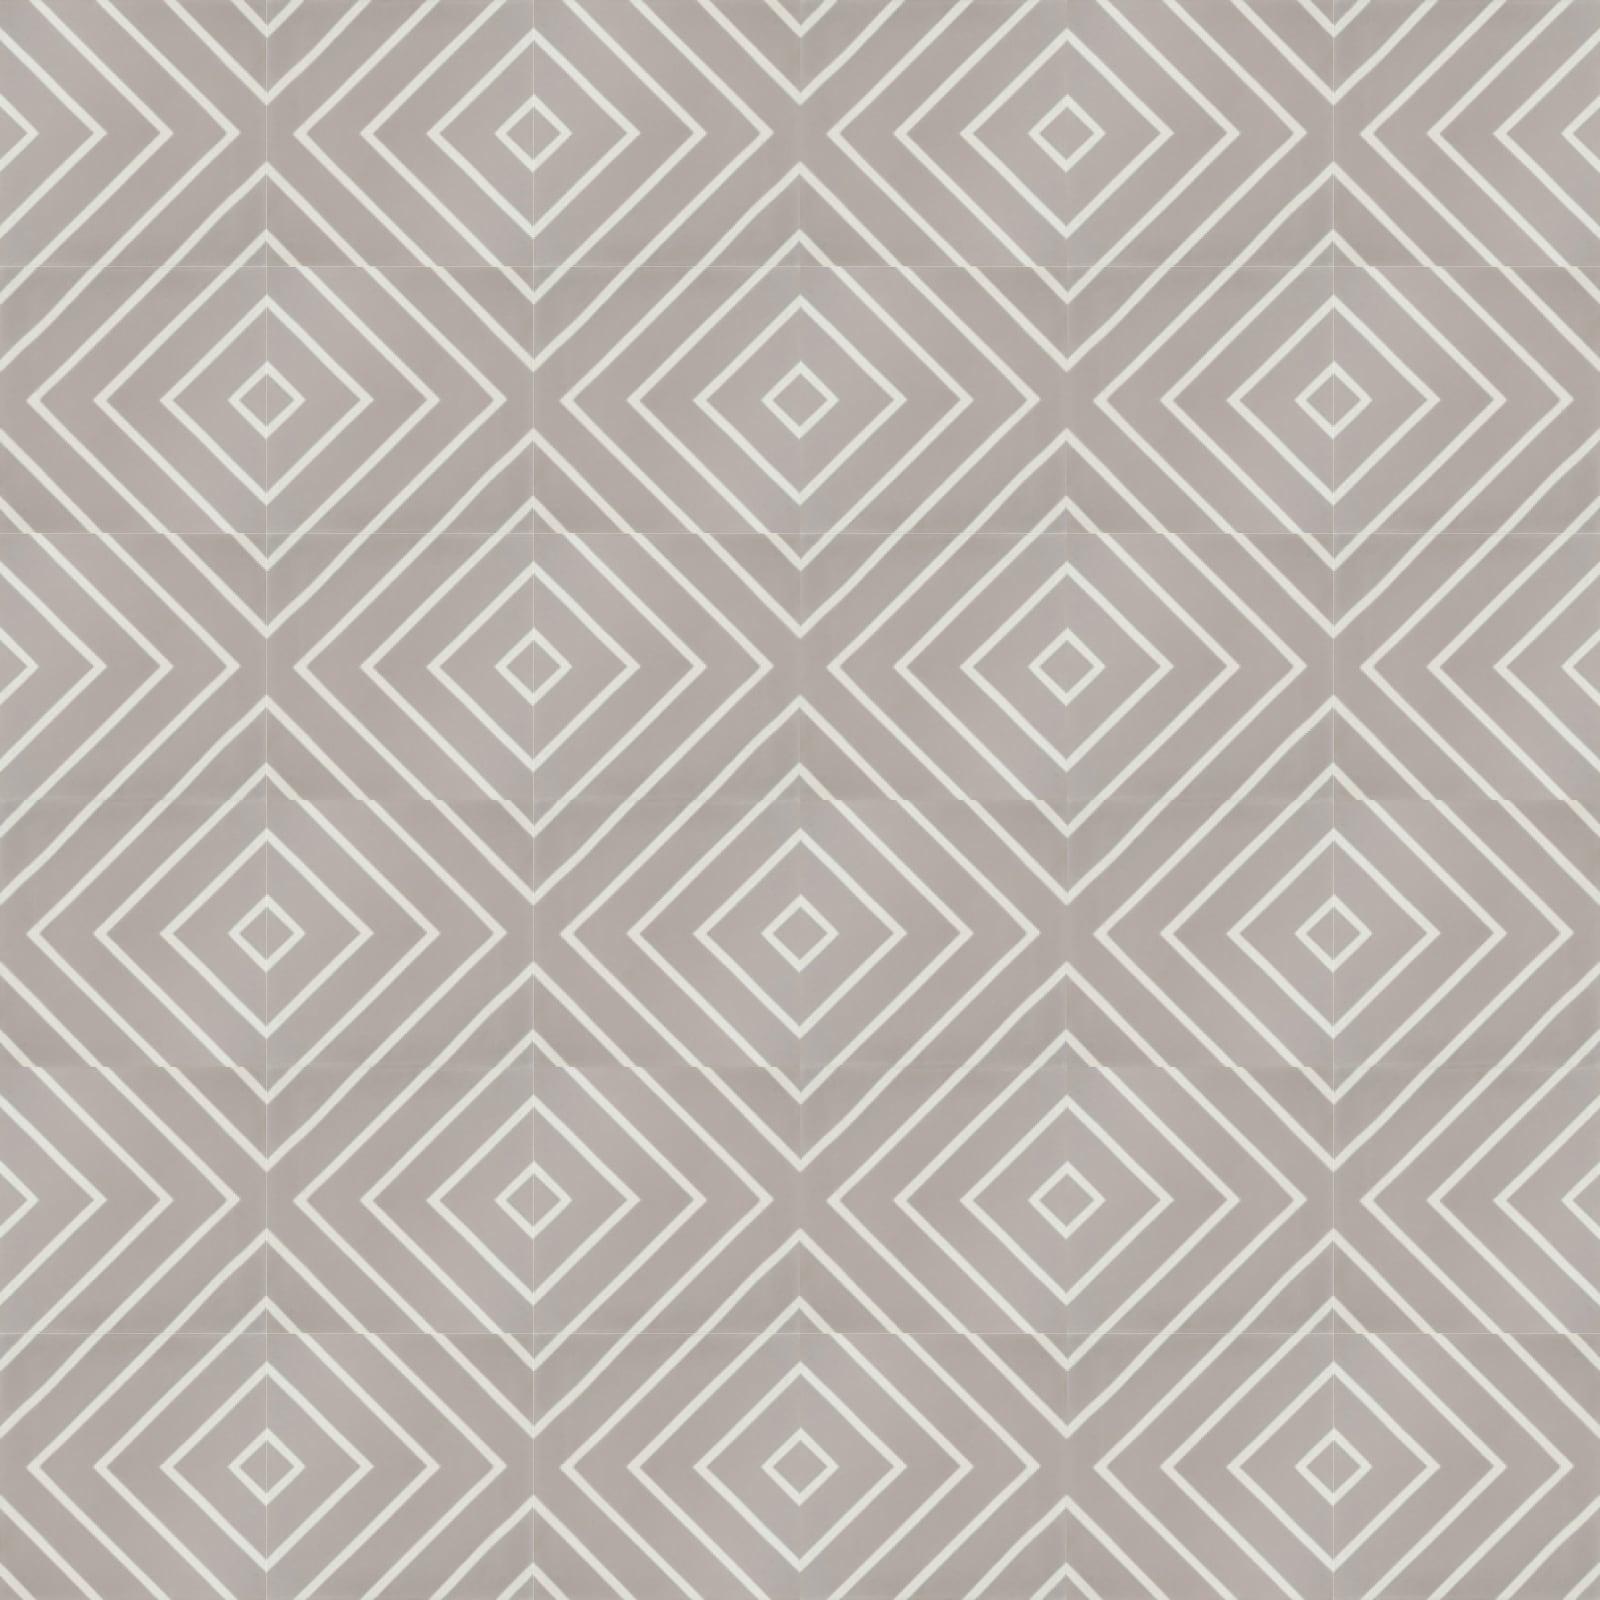 zementmosaikplatten-51174-Verlegemuster_B-via-gmbh | N° 51174